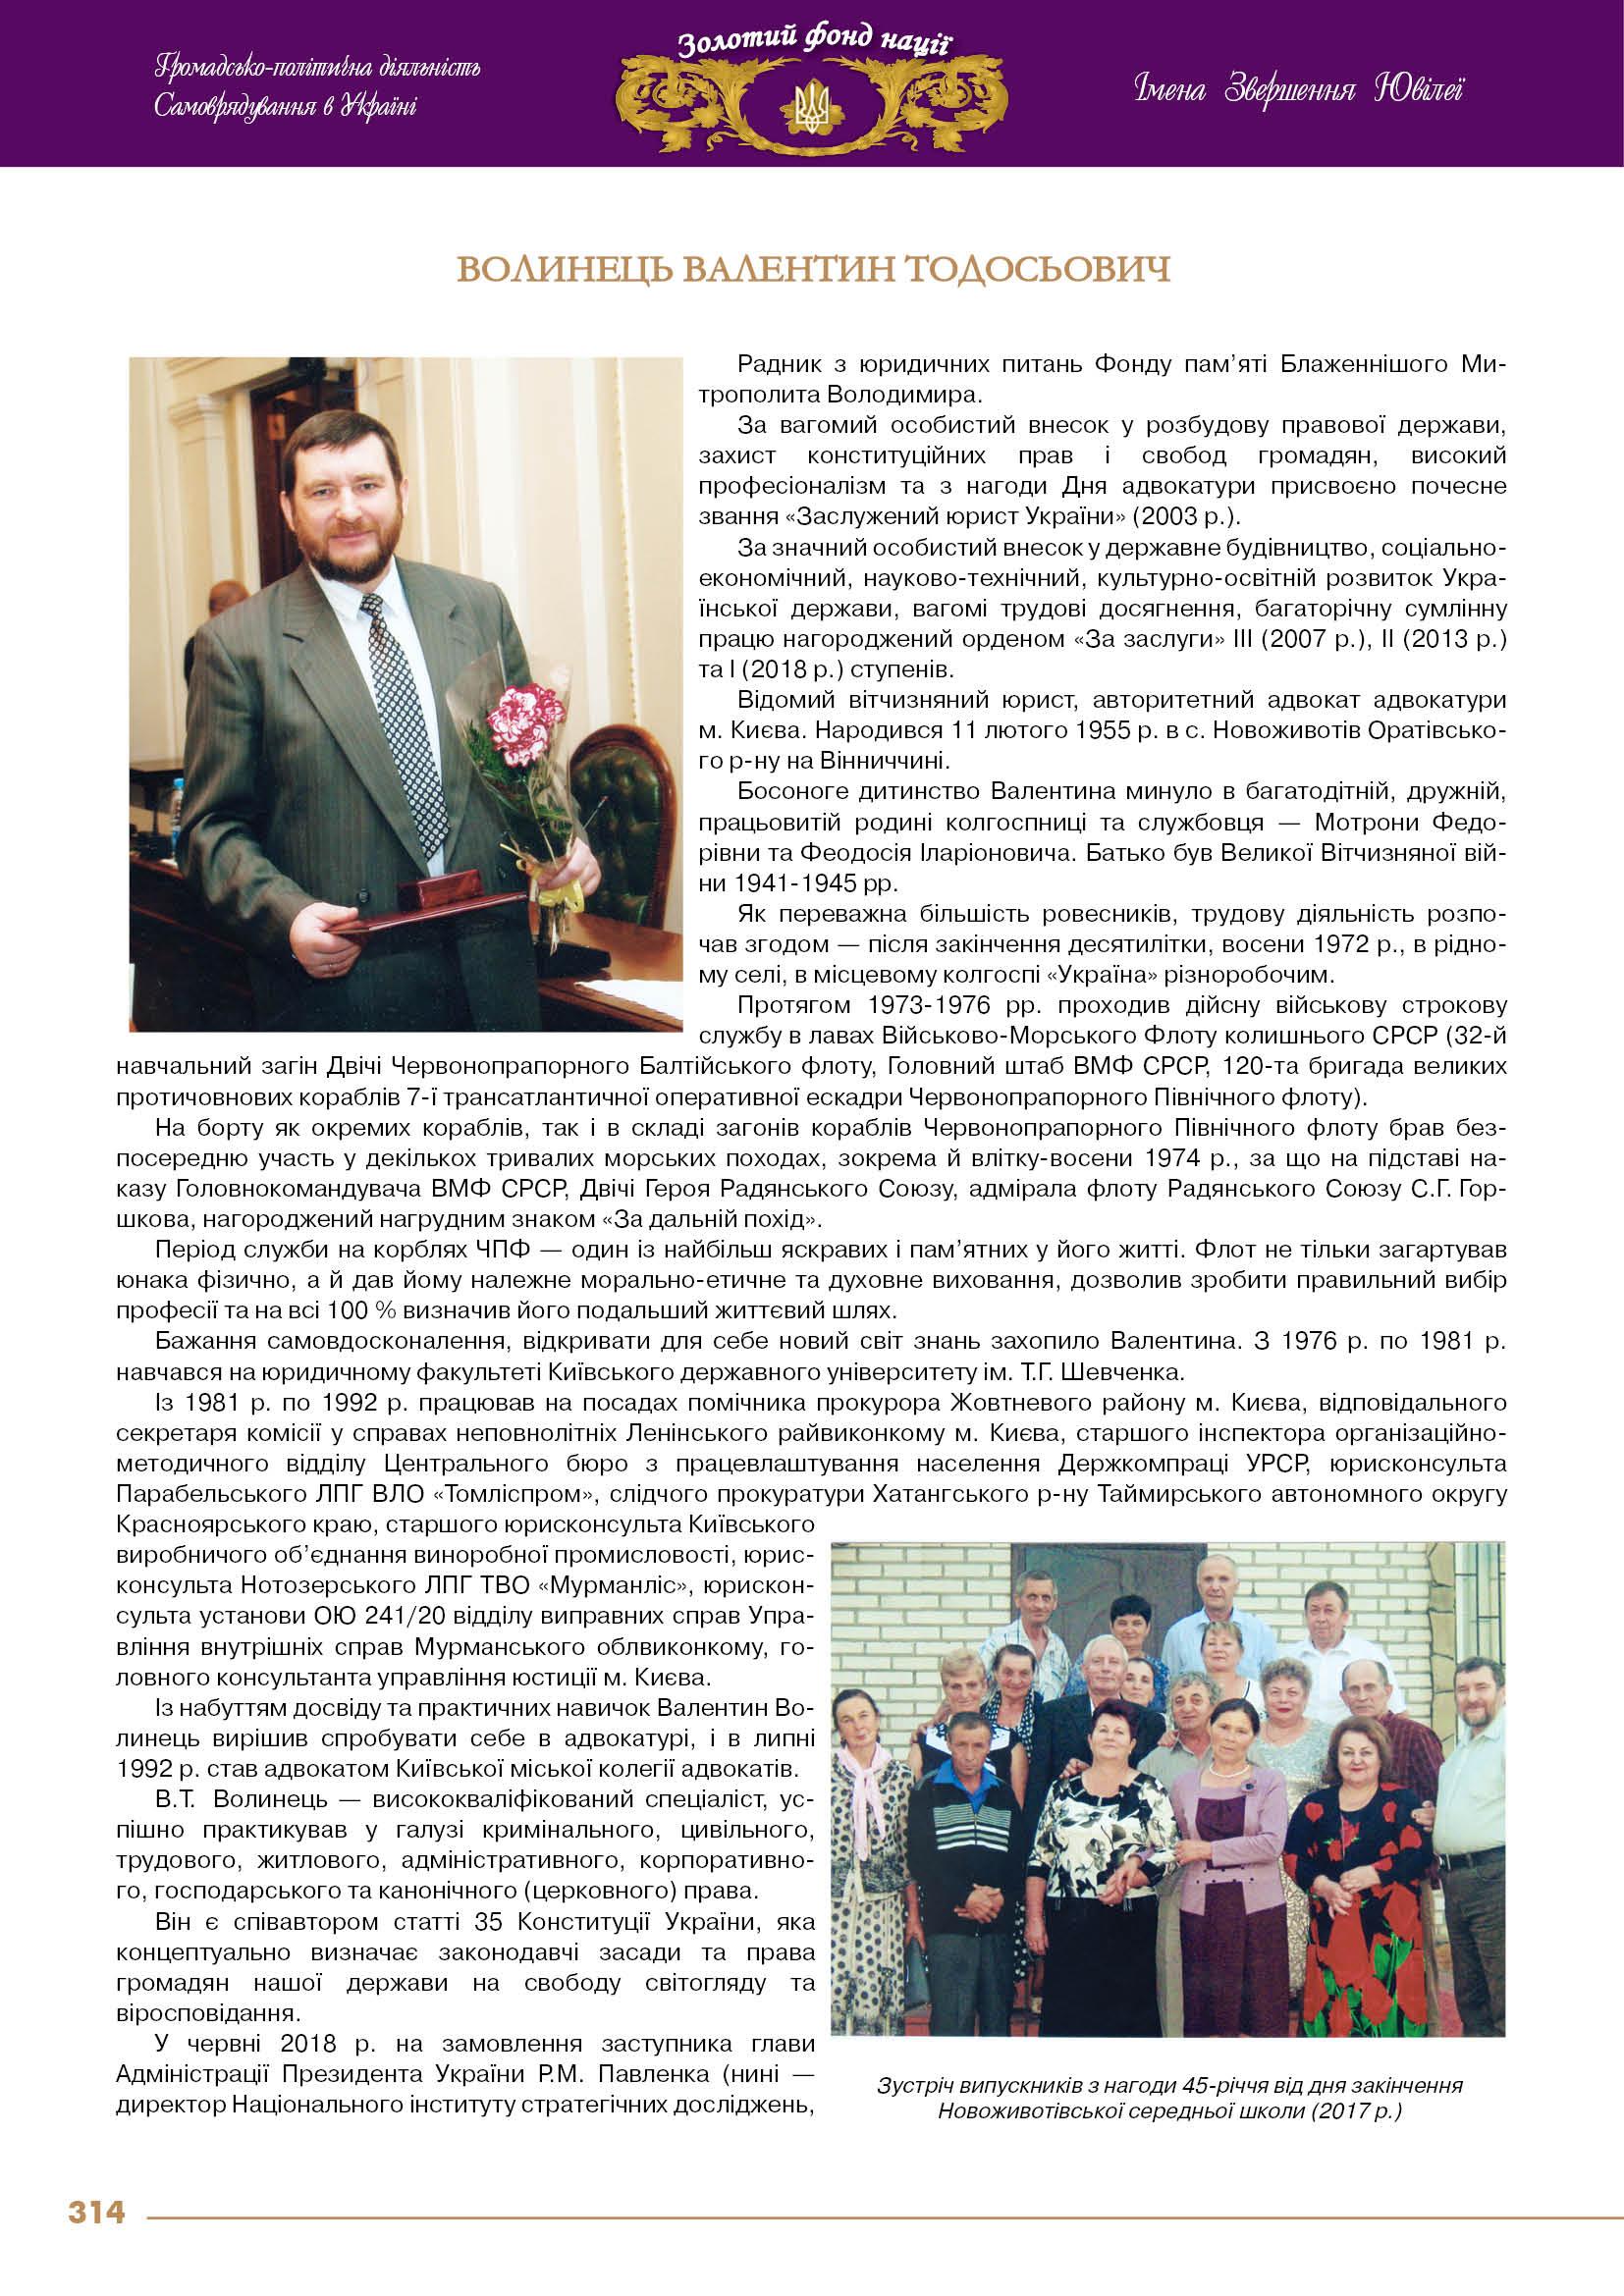 Волинець Валентин Тодосьович